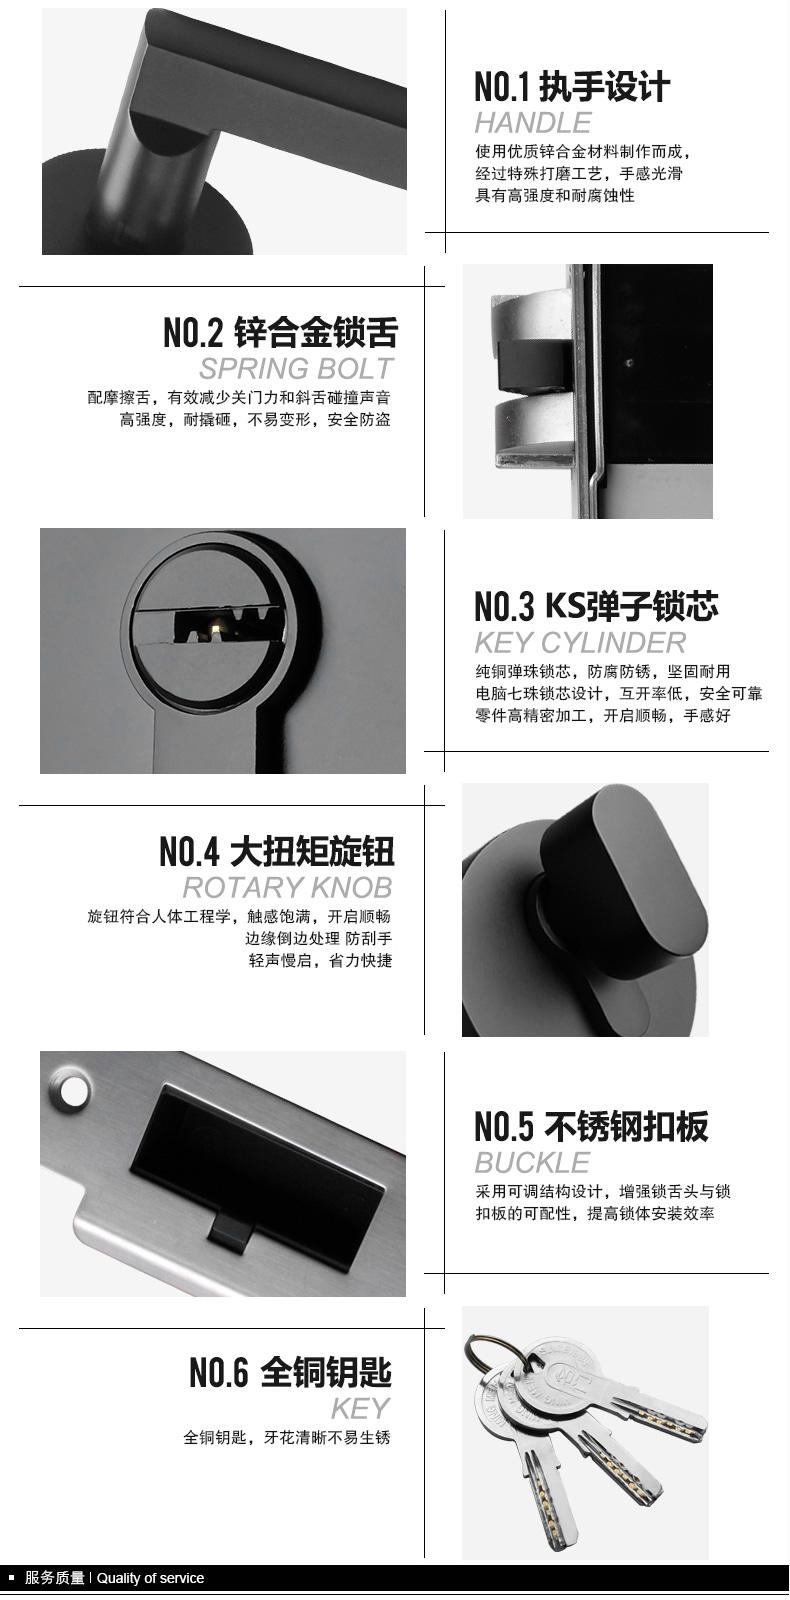 名门黑色门锁-室内静音锁具三件套装_05.jpg